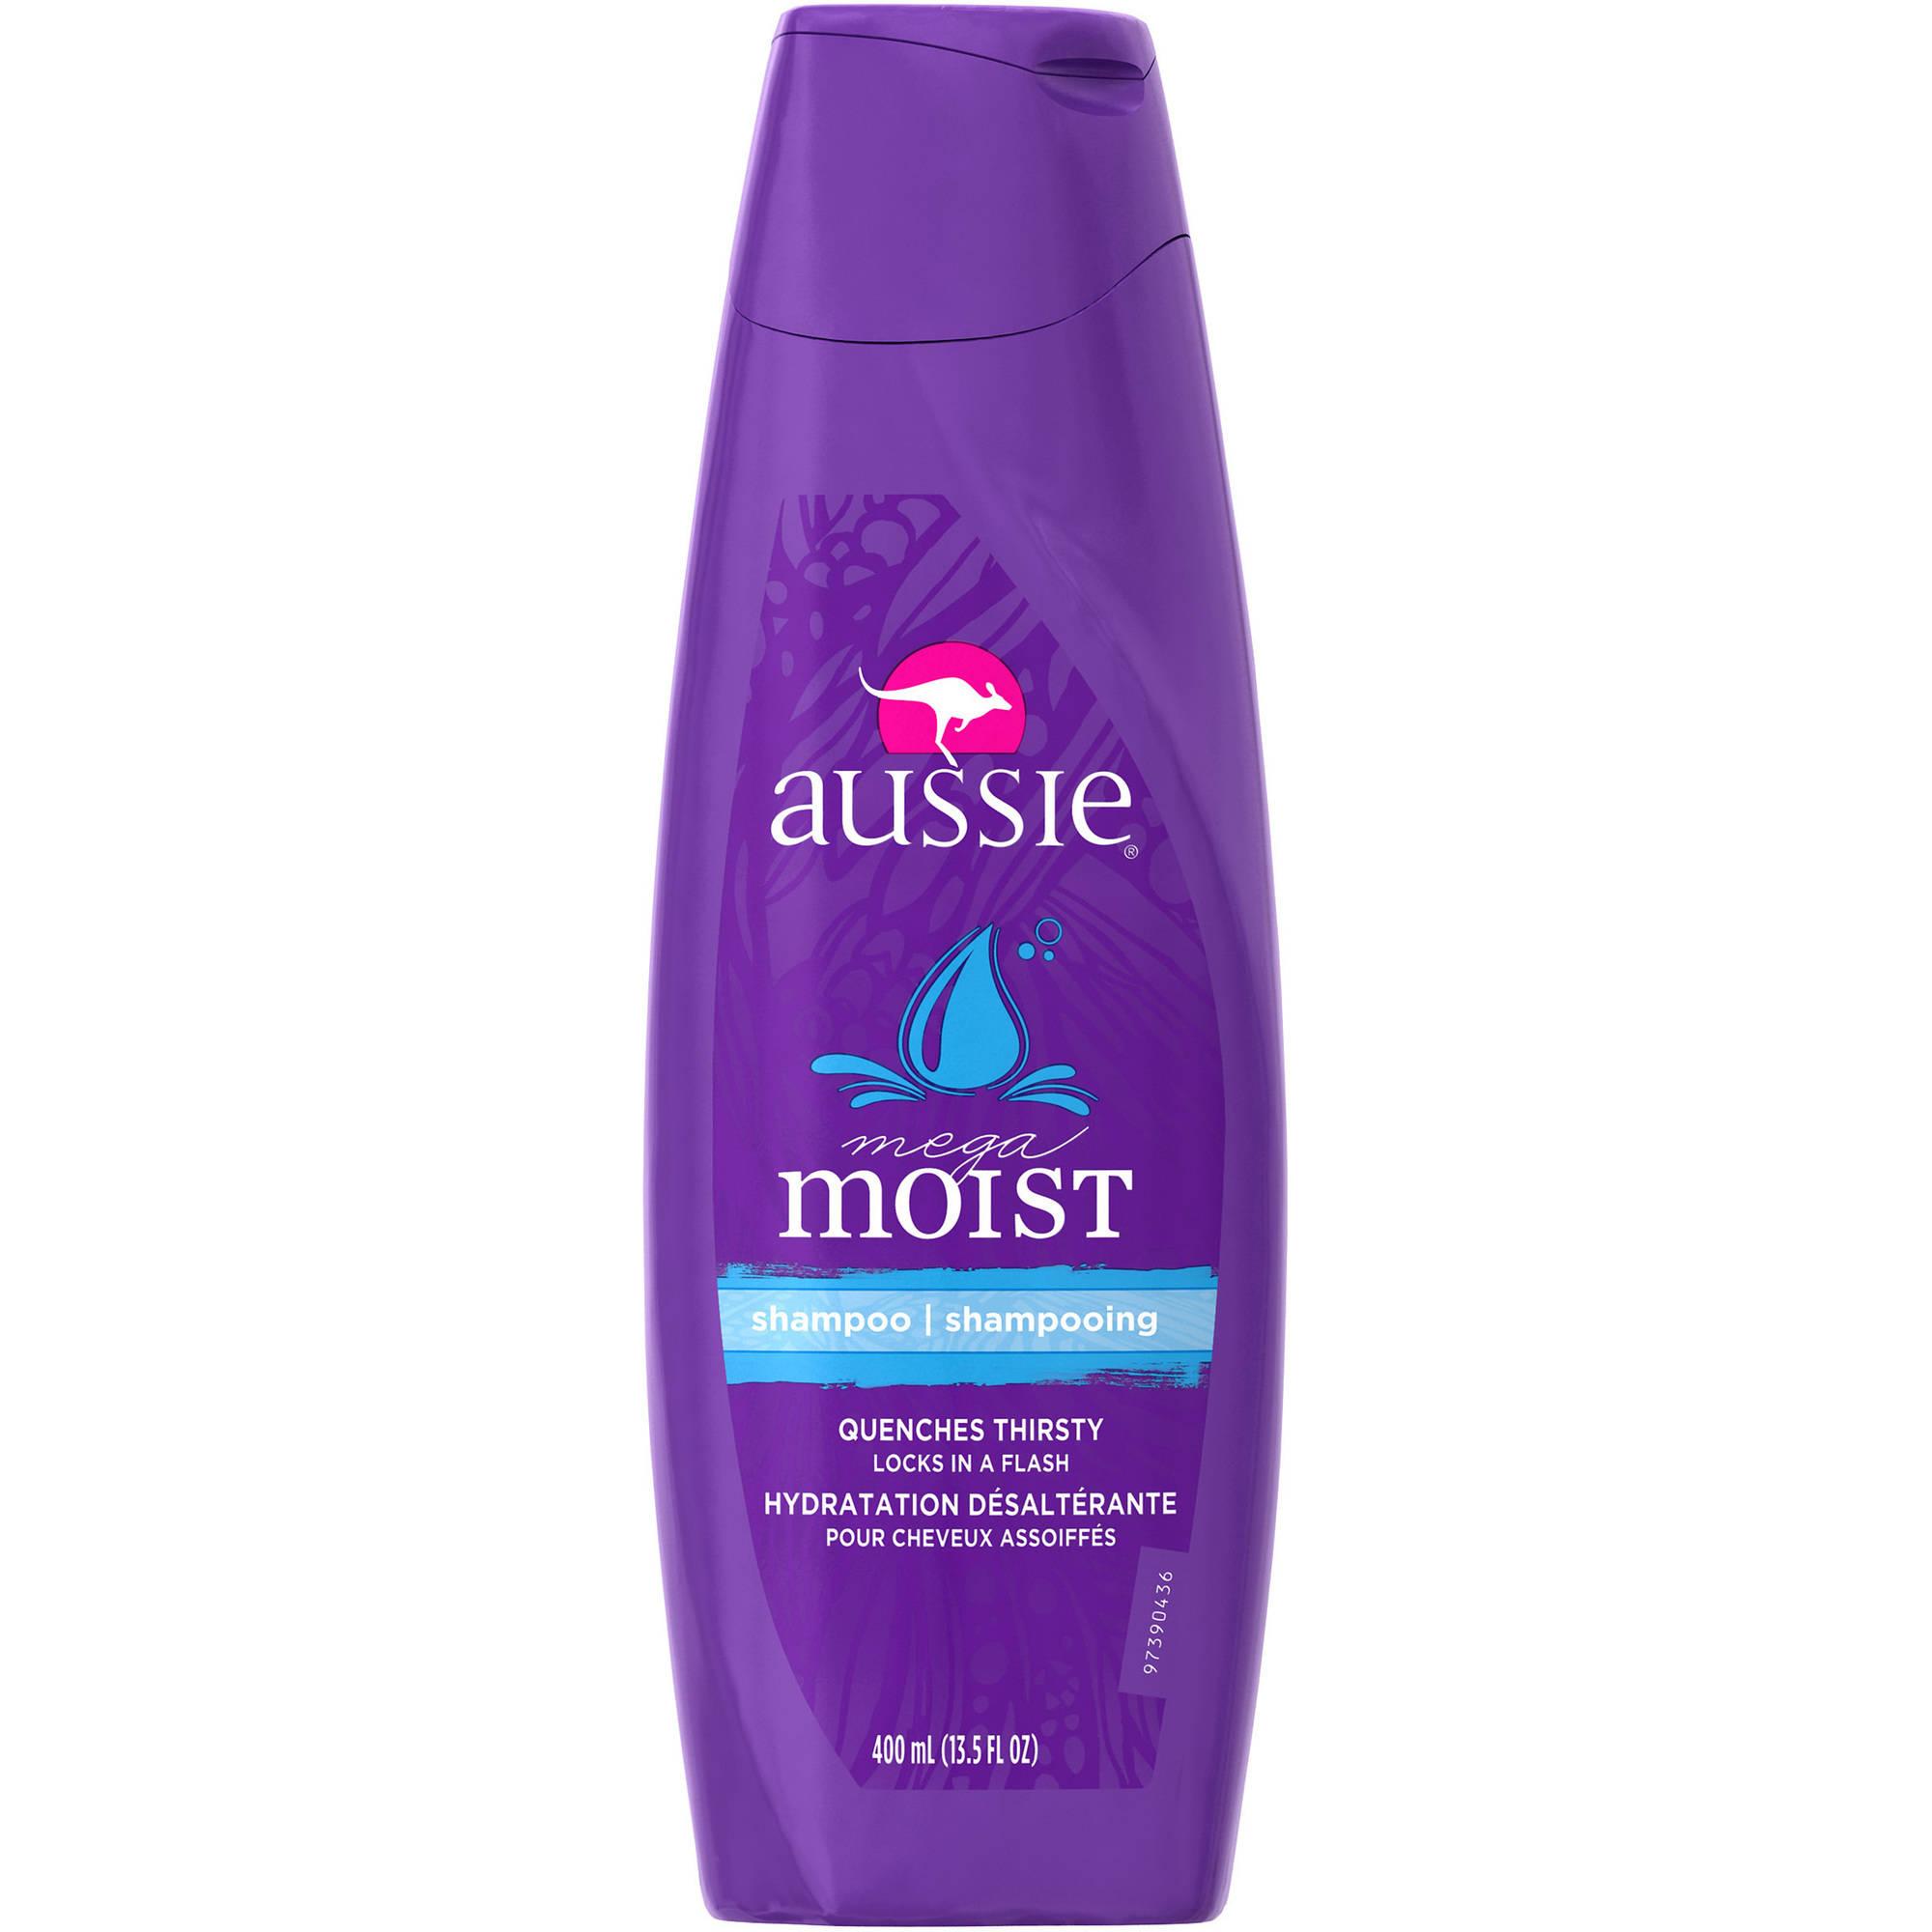 Aussie Mega Moist Shampoo, 13.5 fl oz